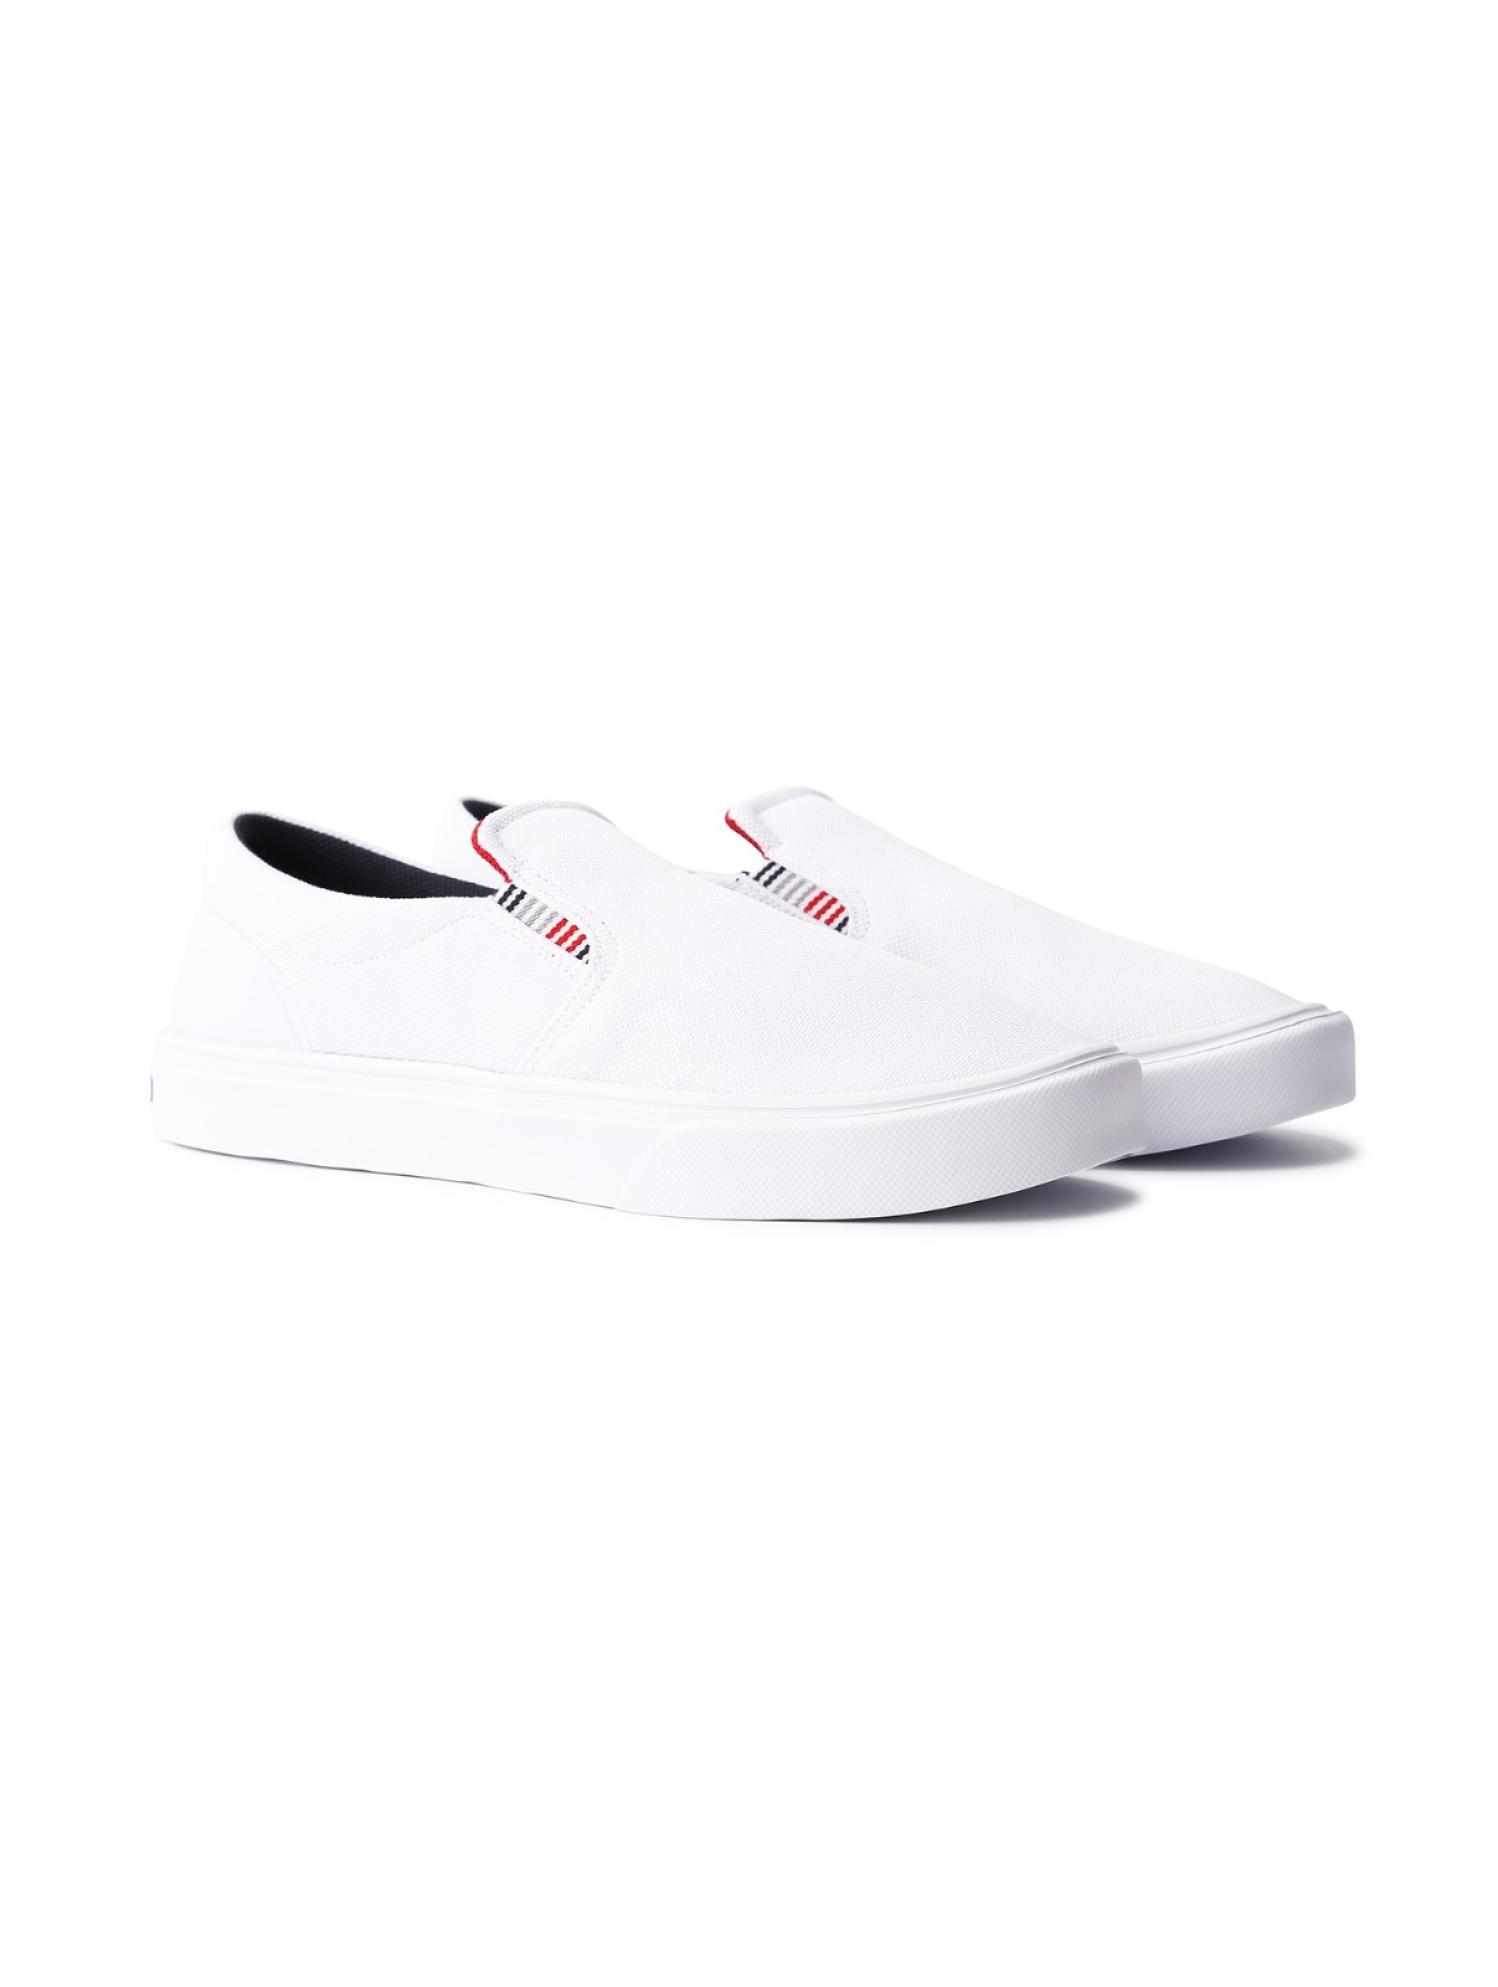 纯色一脚蹬鞋